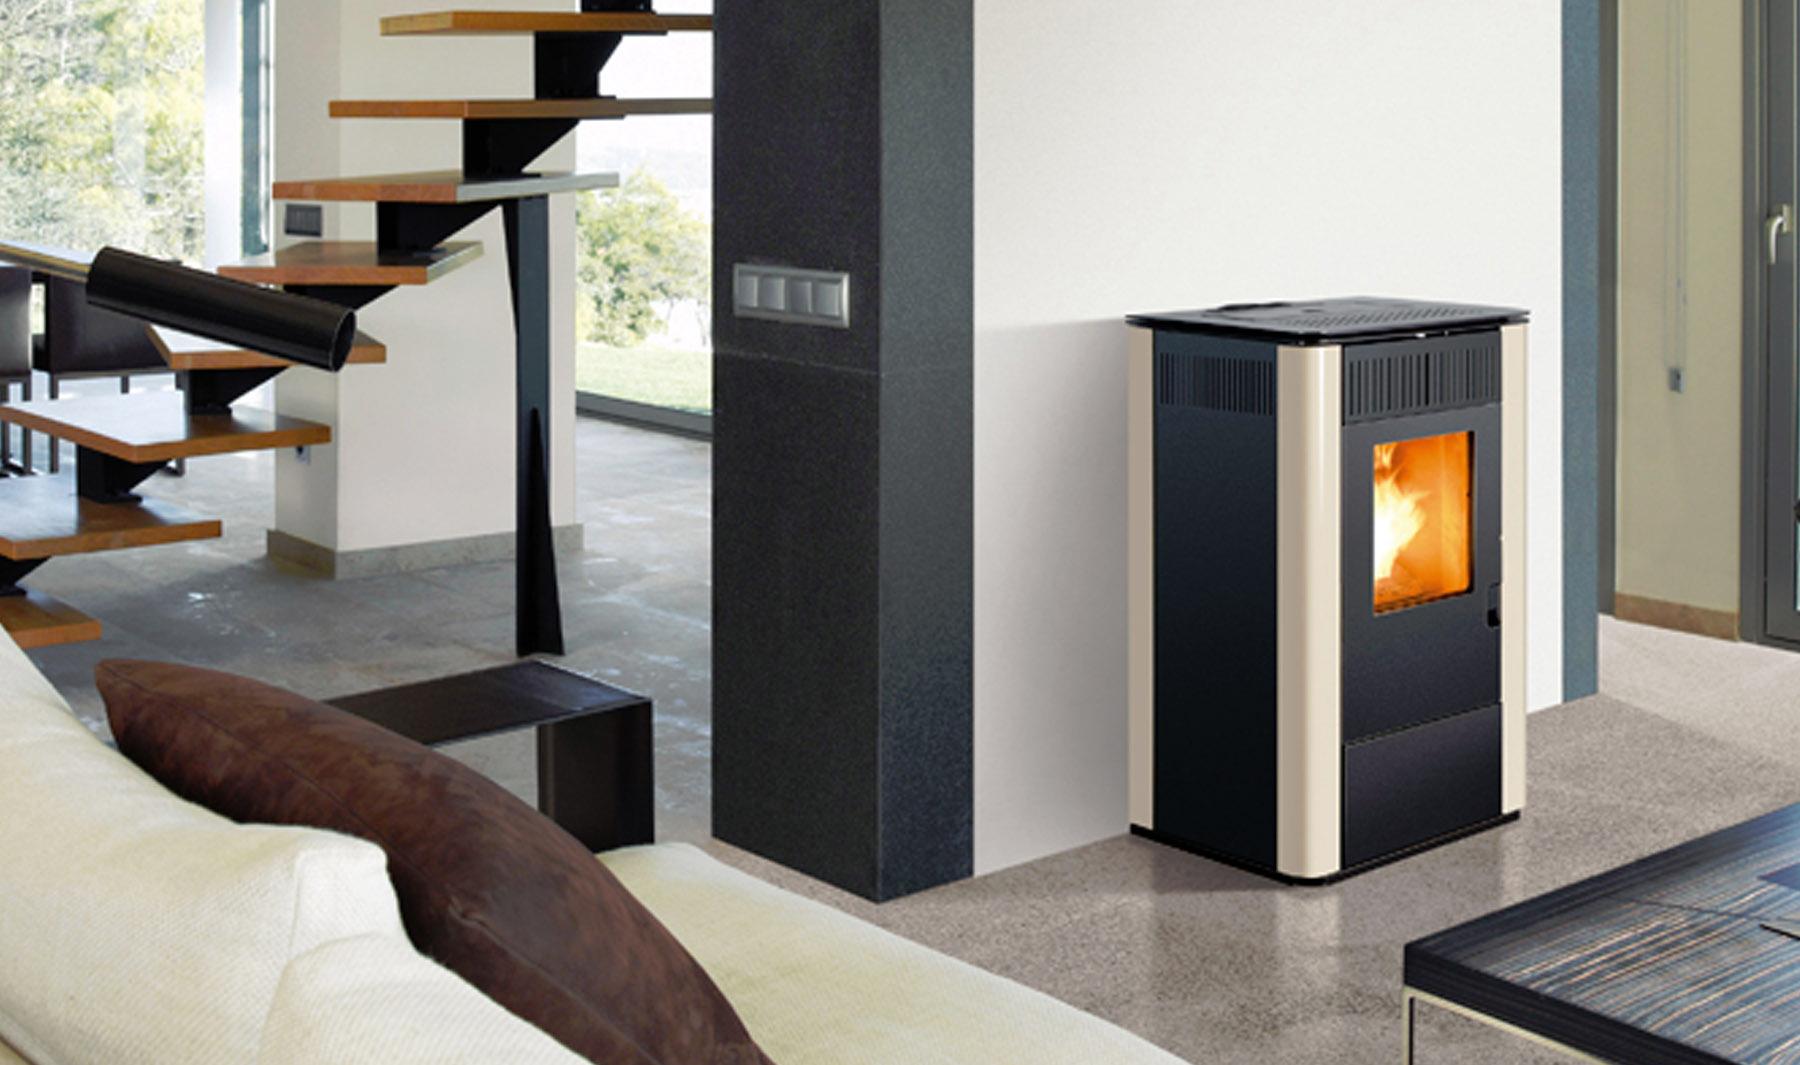 Qu es una caldera de biomasa aprende mejora - Instalar estufa pellets piso ...